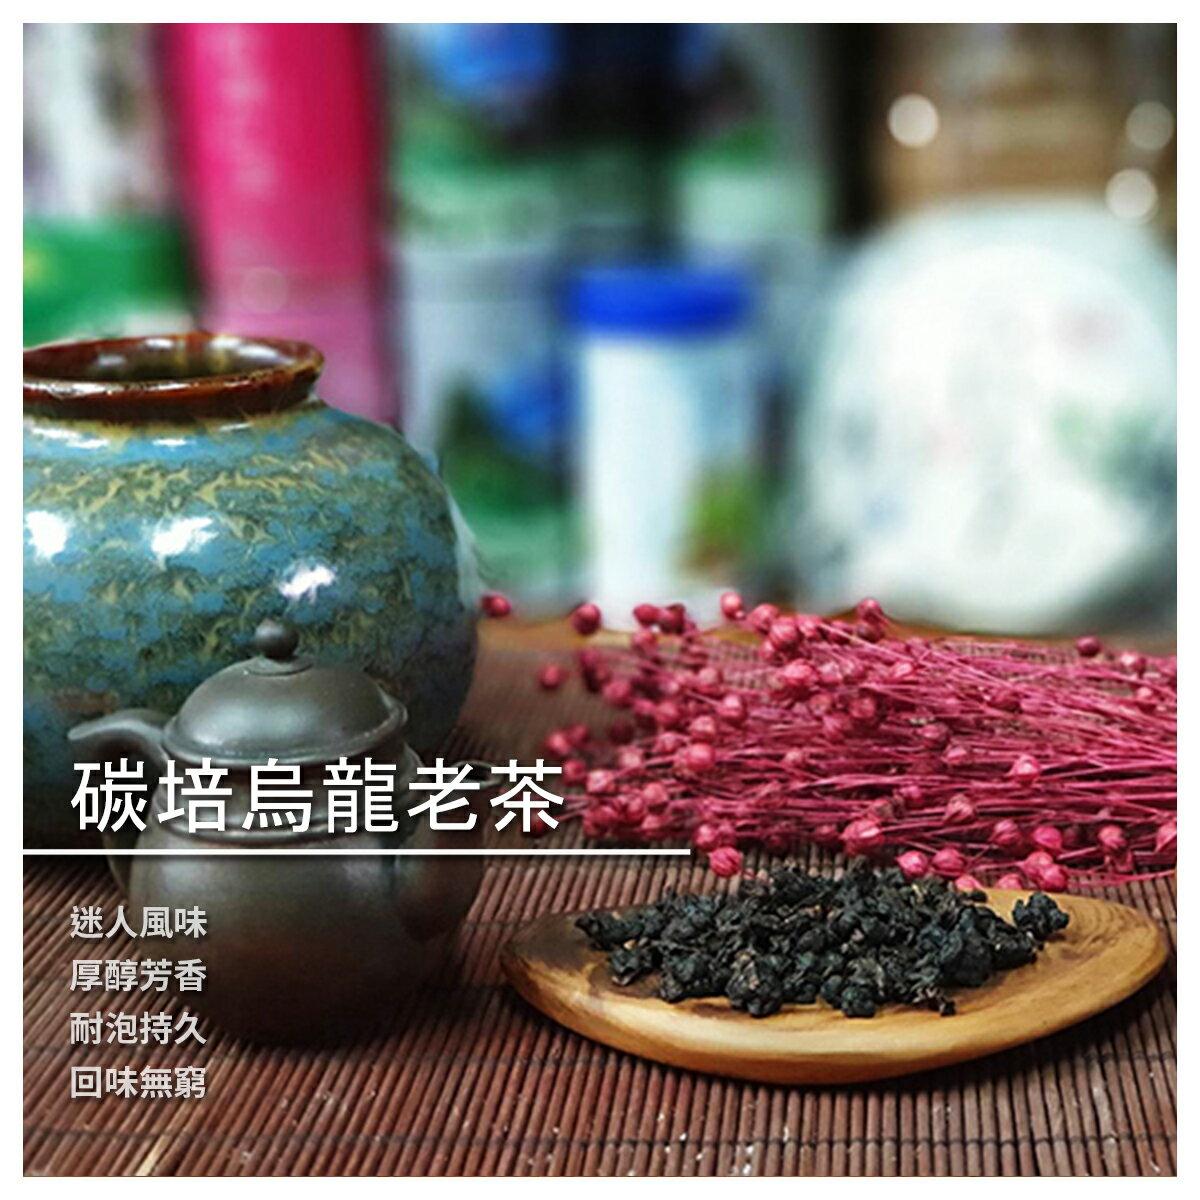 【長景茶莊】碳培烏龍老茶/包